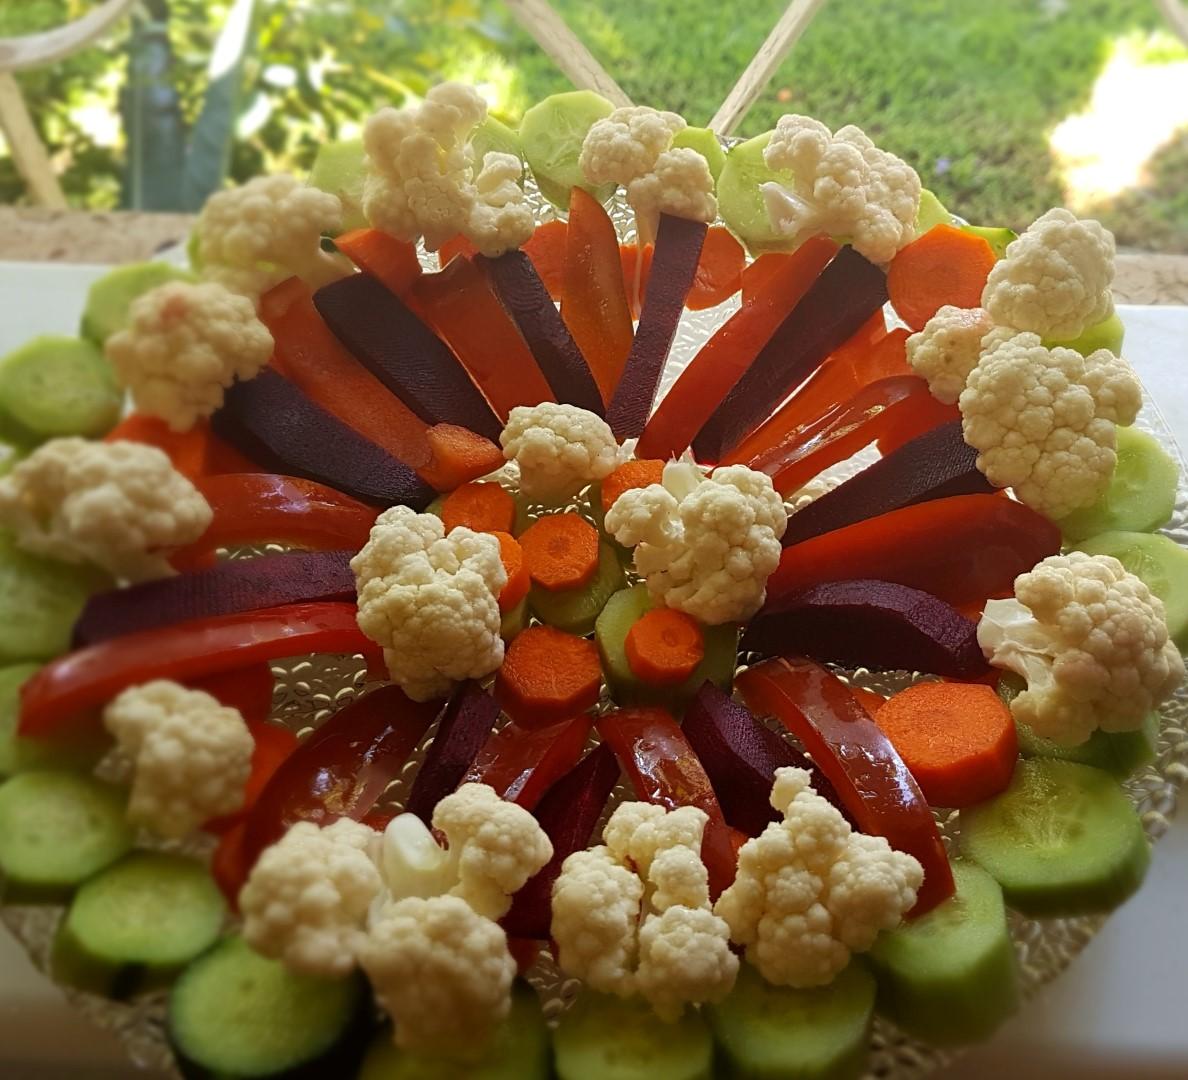 ירקות (צילום: ד